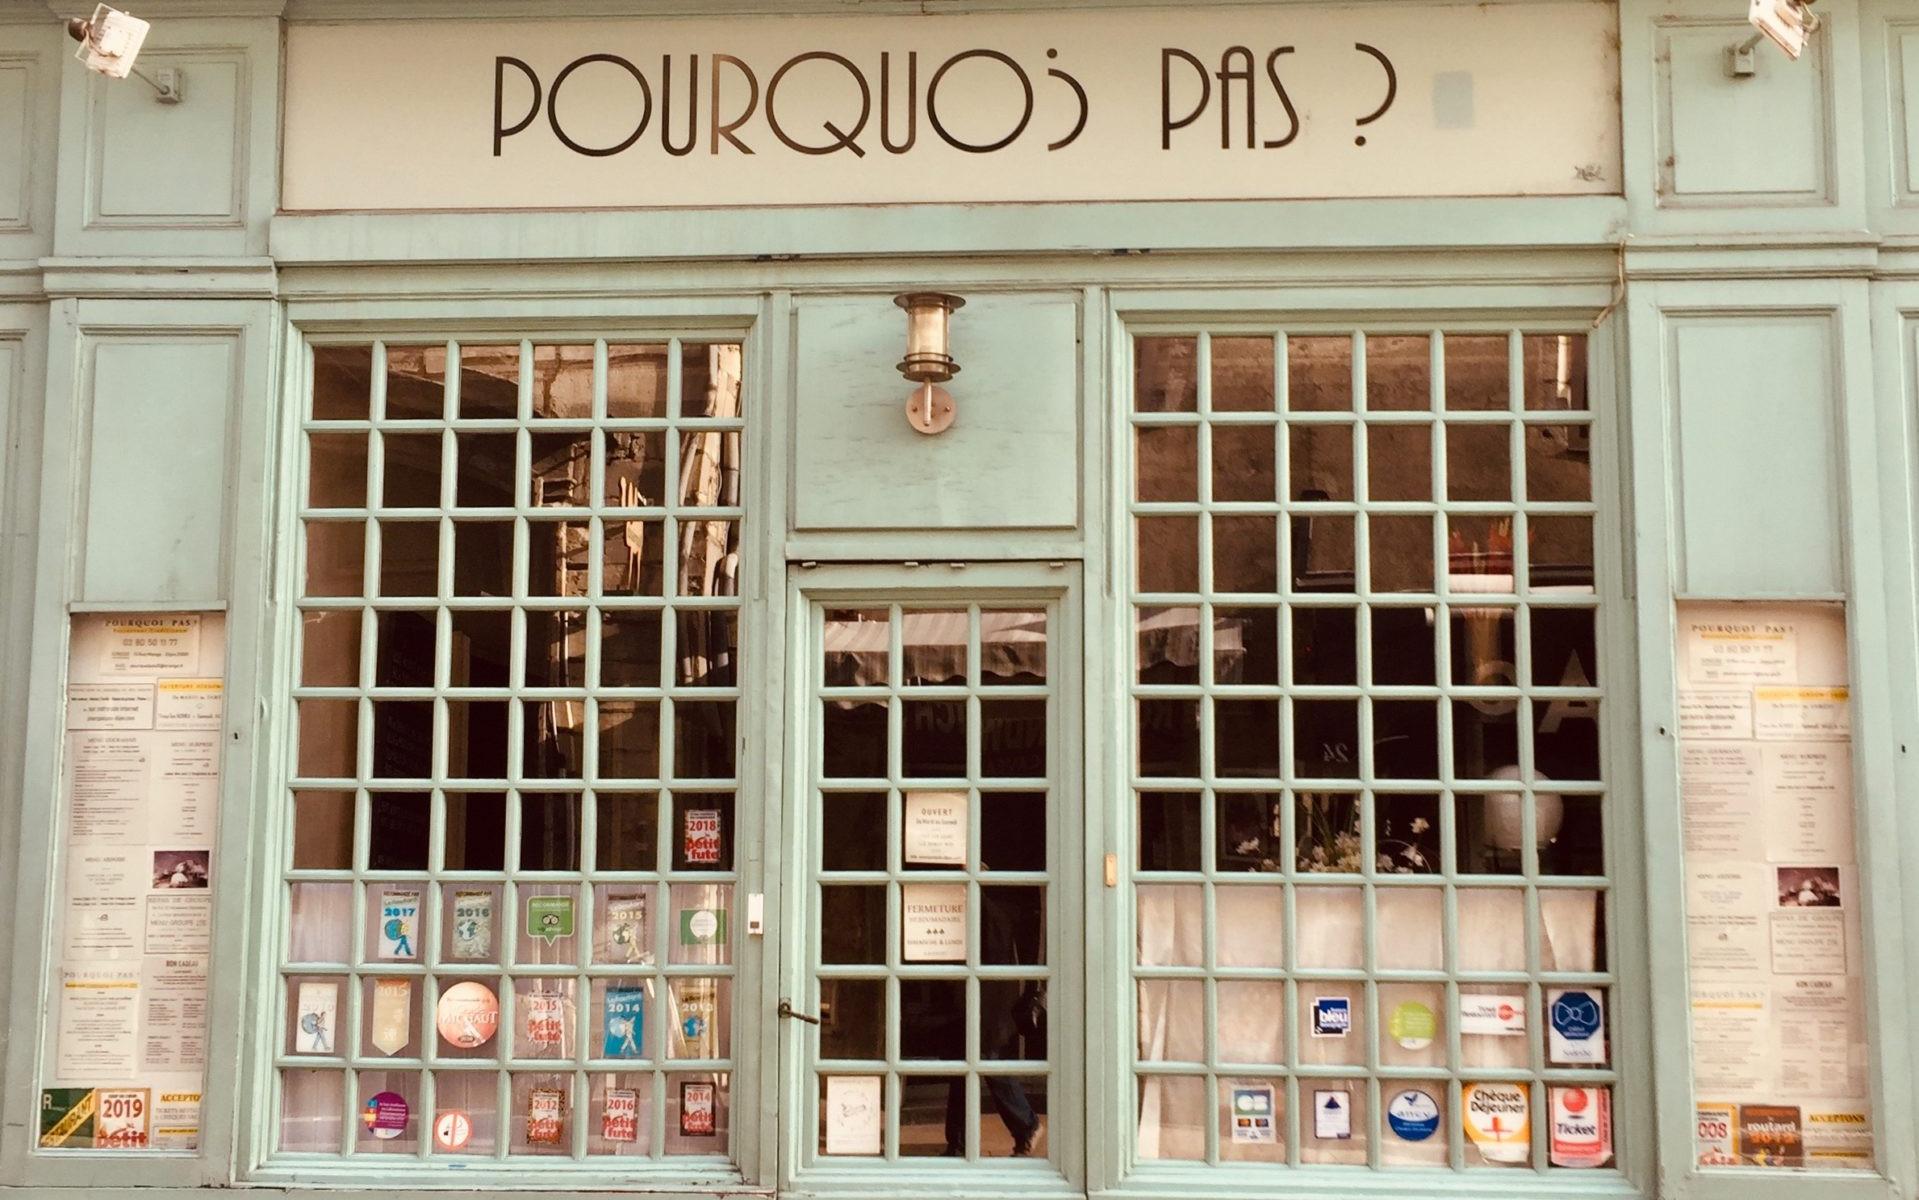 Bild der Woche - Pourquoi Pas?